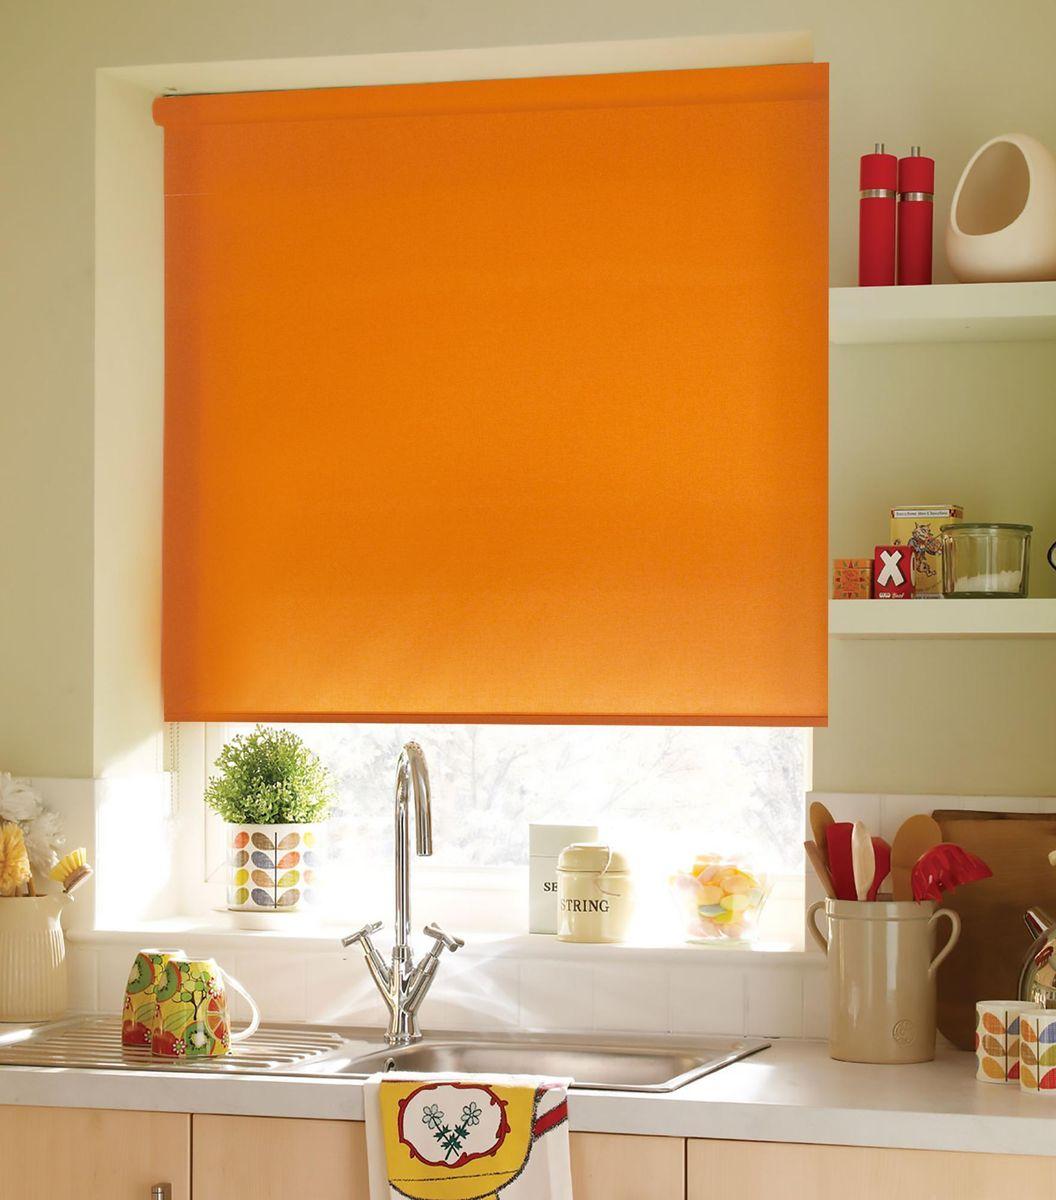 Штора рулонная Эскар, цвет: апельсиновый, ширина 140 см, высота 170 см81203140170Рулонными шторами можно оформлять окна как самостоятельно, так и использовать в комбинации с портьерами. Это поможет предотвратить выгорание дорогой ткани на солнце и соединит функционал рулонных с красотой навесных. Преимущества применения рулонных штор для пластиковых окон: - имеют прекрасный внешний вид: многообразие и фактурность материала изделия отлично смотрятся в любом интерьере; - многофункциональны: есть возможность подобрать шторы способные эффективно защитить комнату от солнца, при этом о на не будет слишком темной. - Есть возможность осуществить быстрый монтаж. ВНИМАНИЕ! Размеры ширины изделия указаны по ширине ткани! Во время эксплуатации не рекомендуется полностью разматывать рулон, чтобы не оторвать ткань от намоточного вала. В случае загрязнения поверхности ткани, чистку шторы проводят одним из способов, в зависимости от типа загрязнения: легкое поверхностное загрязнение можно удалить при помощи...